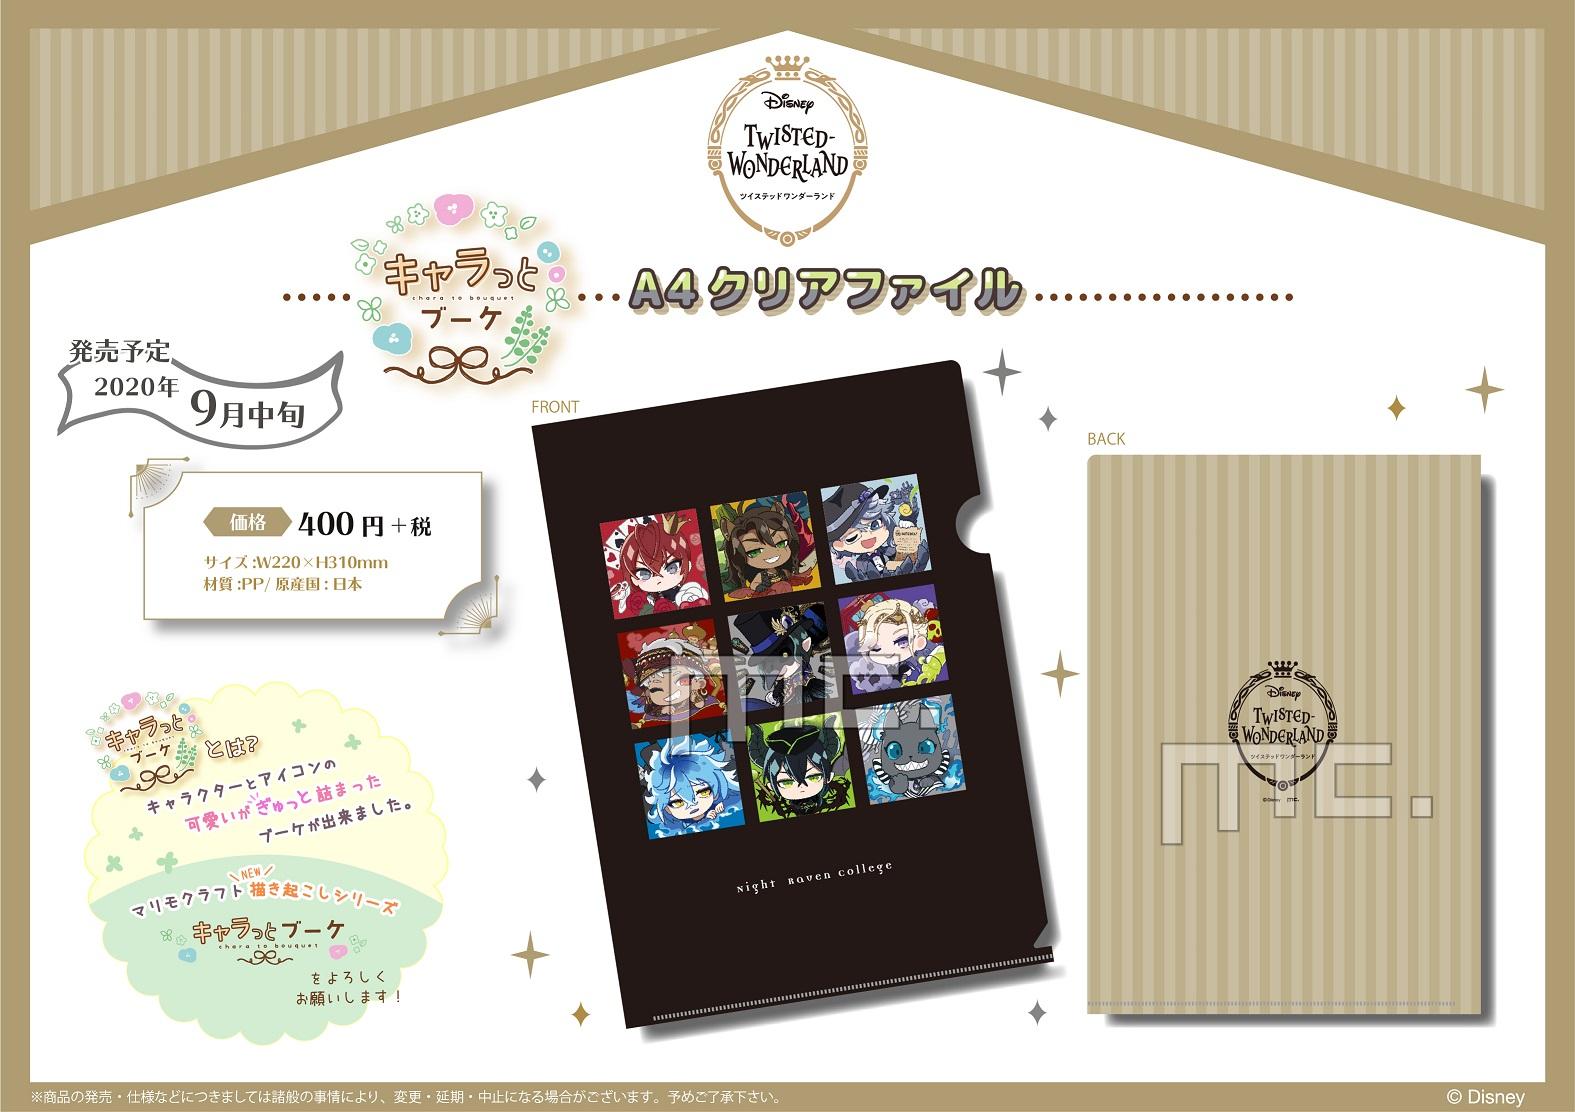 ディズニー ツイステッドワンダーランド『キャラっとブーケ 缶バッジコレクション』9個入りBOX-003